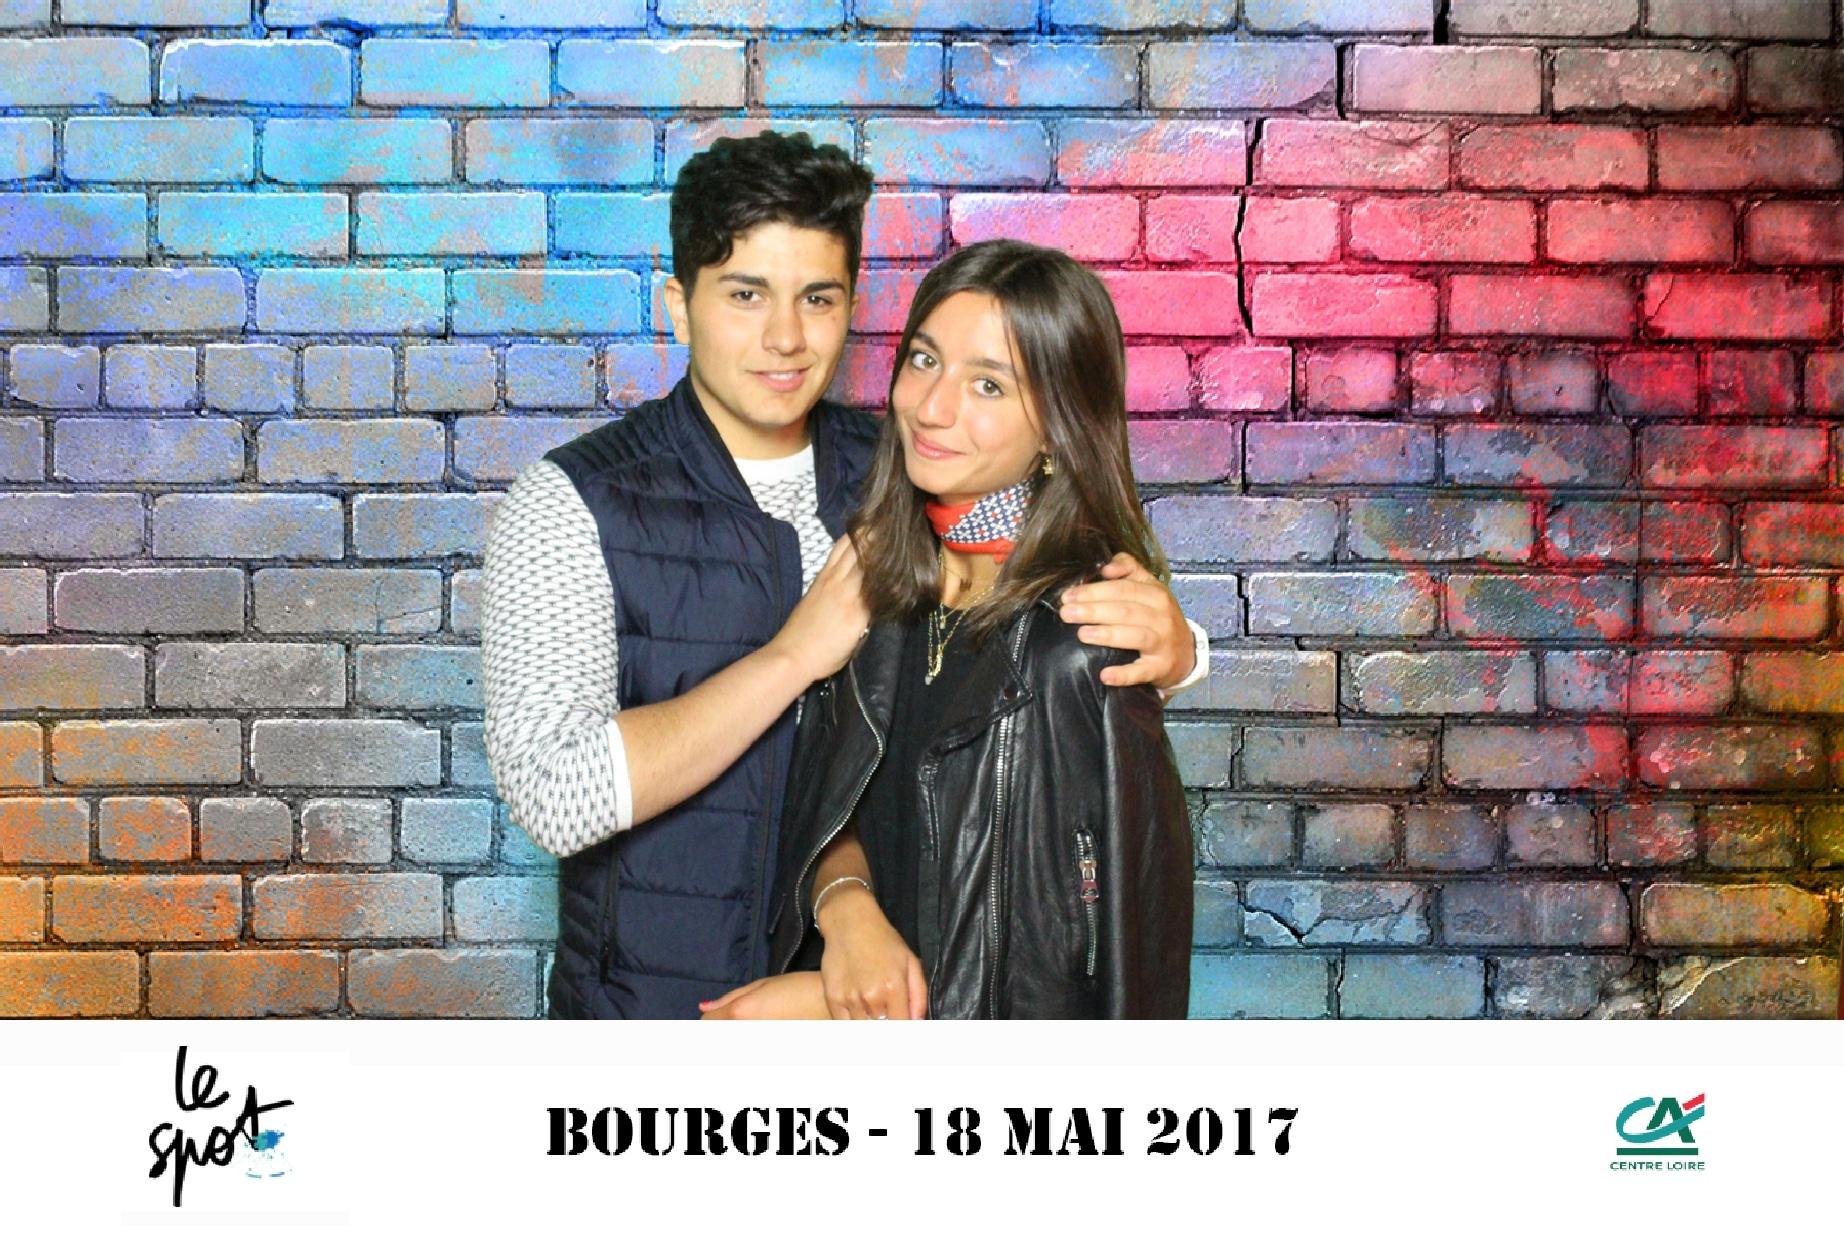 Selfie personnalisé avec photobooth connecté et animation fond vert à soirée étudiante Le Spot 2017 à Bourges